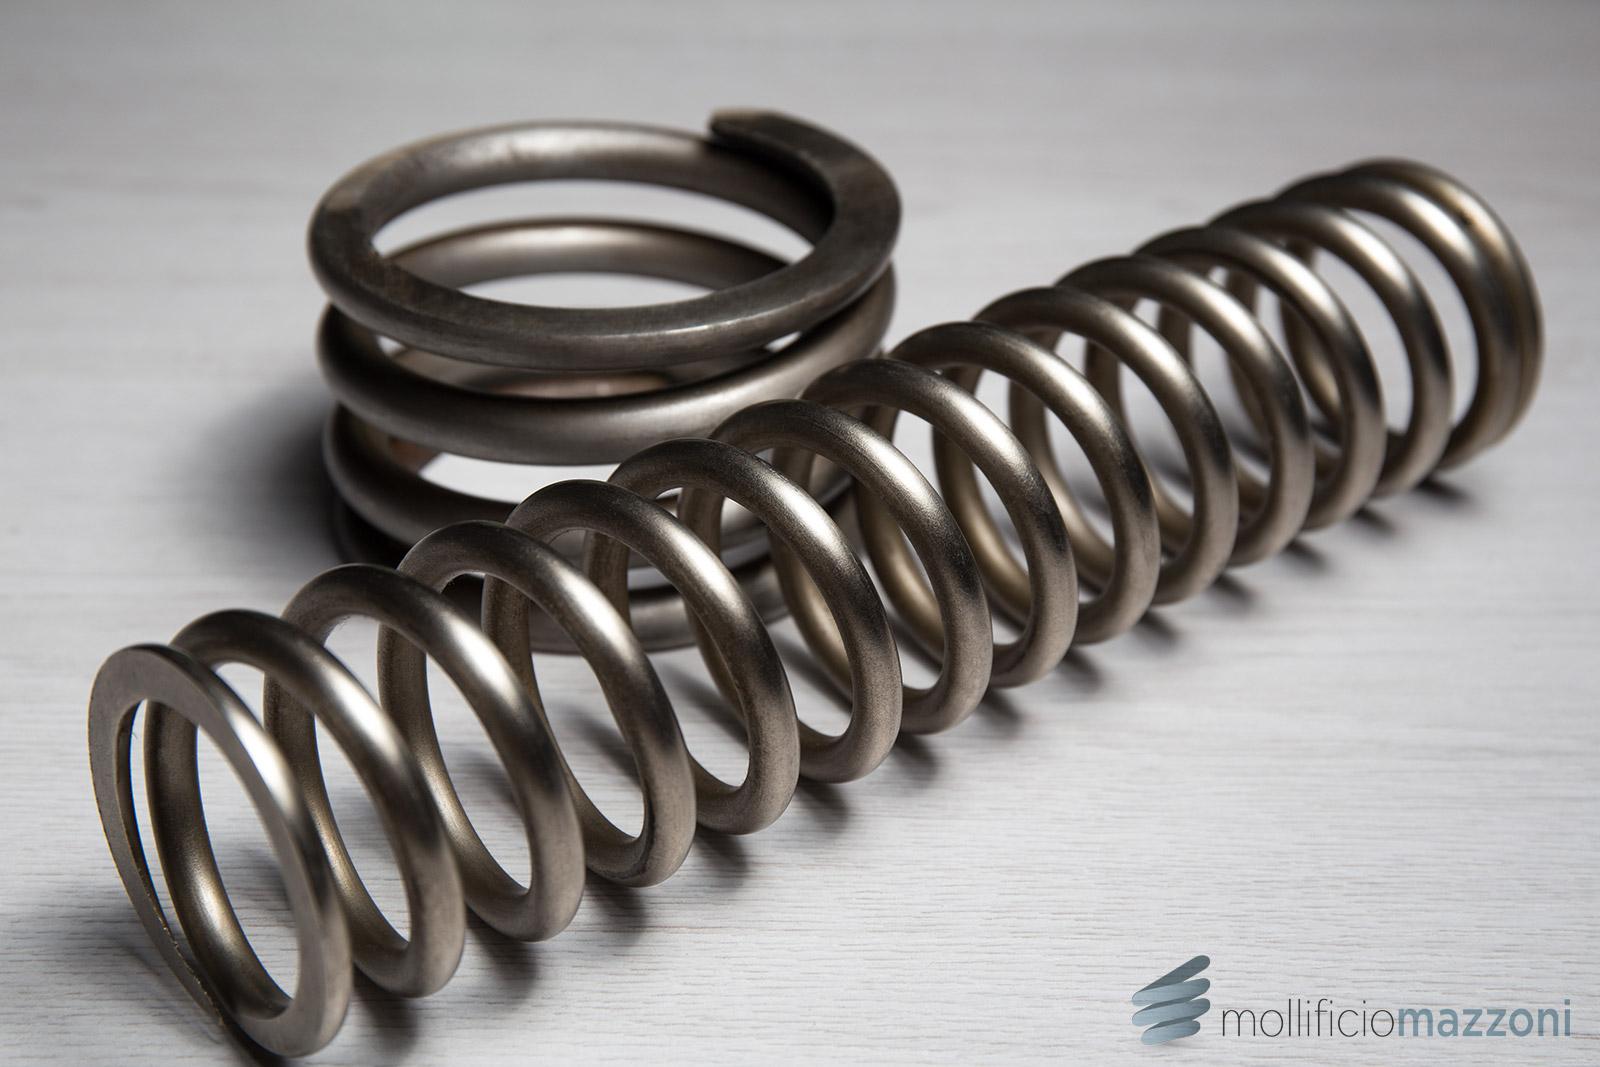 mollificio-mazzoni-molle-compressione-16